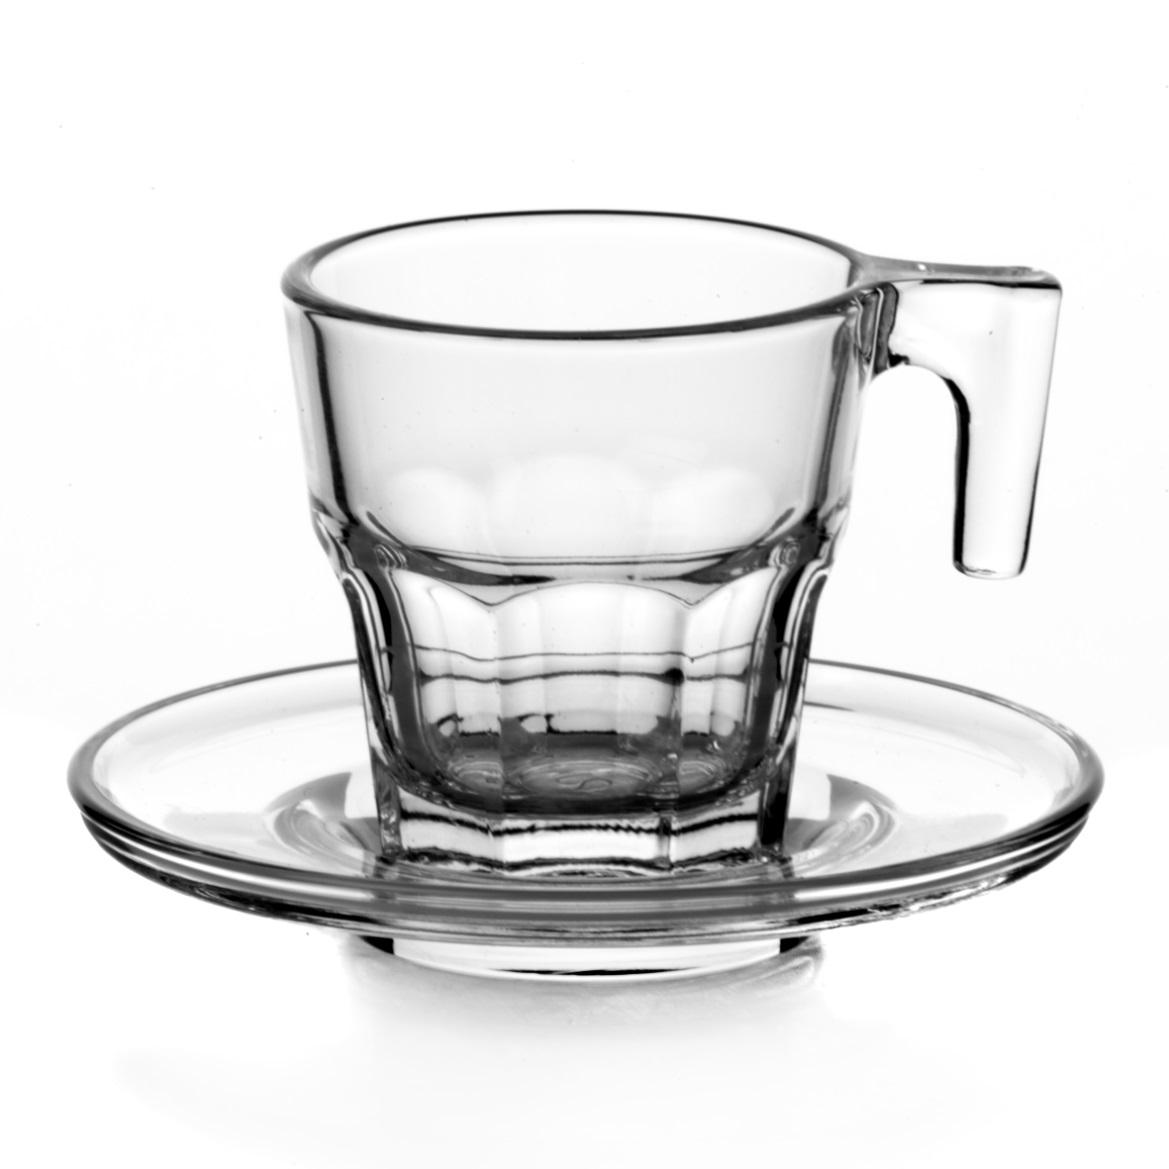 Набор кофейный Pasabahce Casablanka, цвет: прозрачный, 12 предметов95753Кофейный набор Pasabahce Casablanka состоит из 6 кружек и 6 блюдец, выполненных из натрий-кальций-силикатного стекла. Изделия сочетают в себе изысканный дизайн и функциональность. Благодаря такому набору пить кофе будет еще вкуснее. Кофейный набор Pasabahce Casablanka прекрасно оформит праздничный стол и создаст приятную атмосферу за ужином. Такой набор также станет хорошим подарком к любому случаю. Можно мыть в посудомоечной машине. Количество кружек: 6 шт. Диаметр кружки (по верхнему краю): 5,5 см. Высота кружки: 6 см. Объем кружки: 70 мл. Количество блюдец: 6 шт. Диаметр блюдца: 8 см.